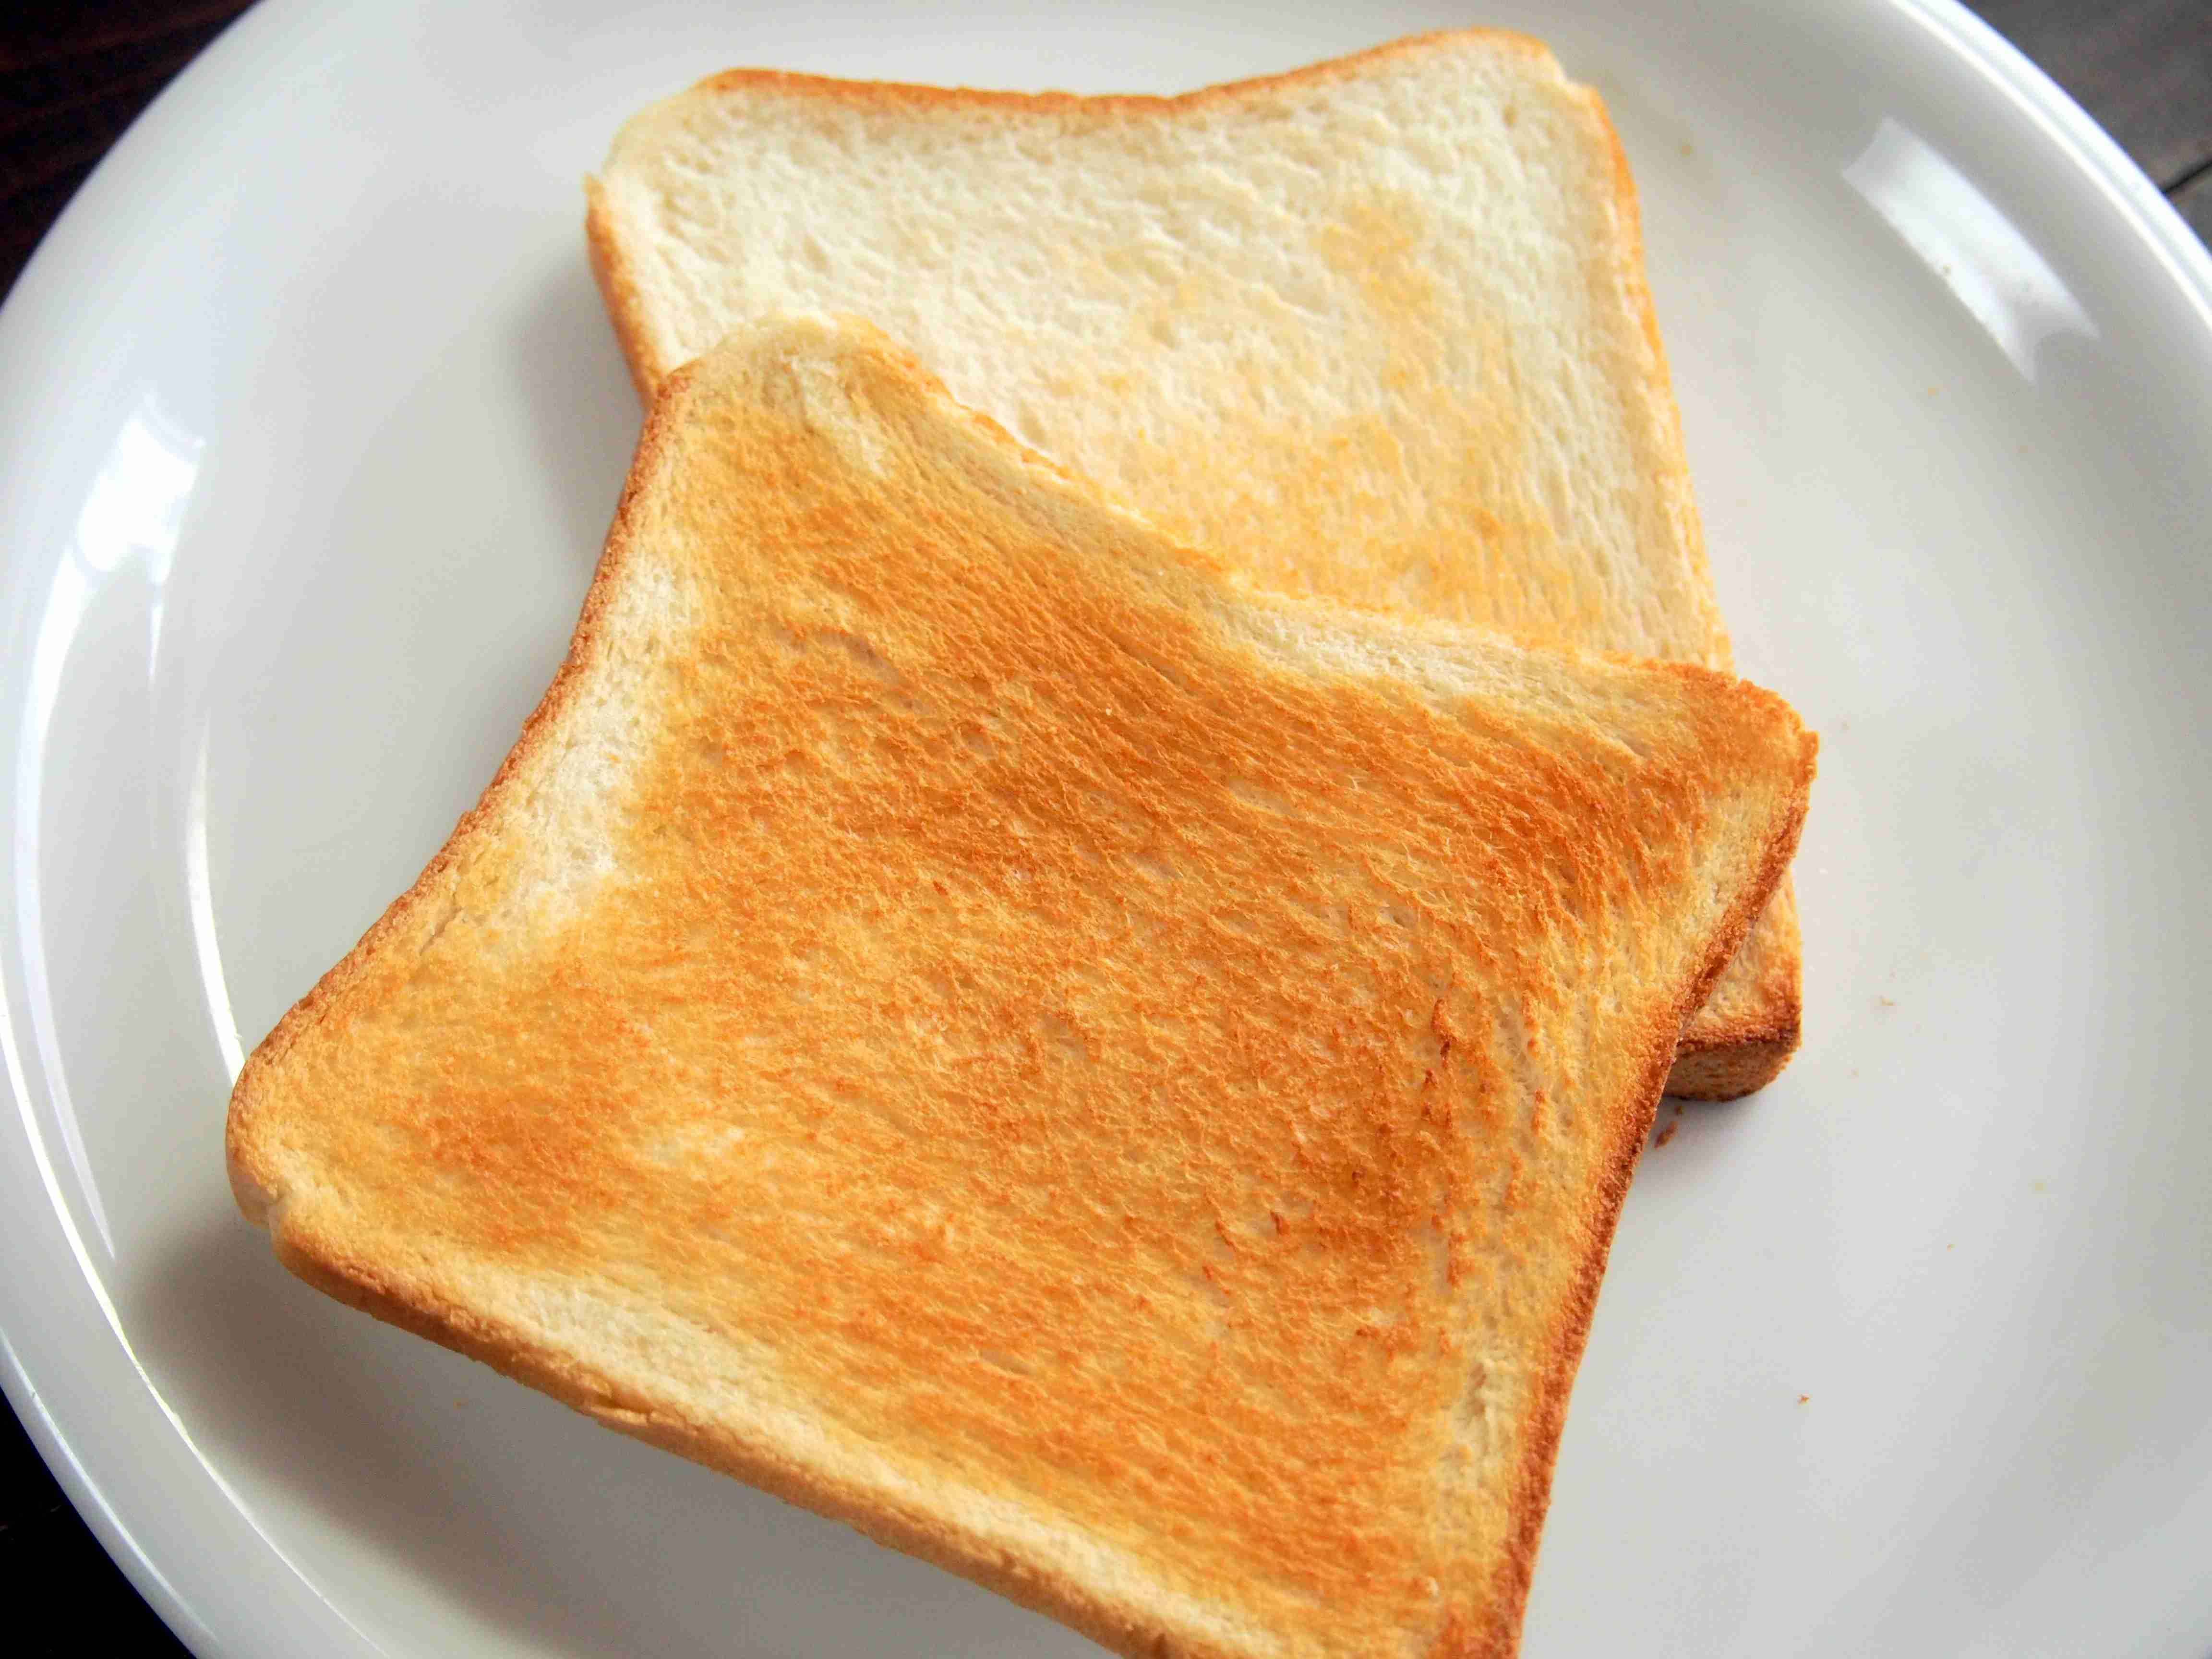 最近の食パンのもちもち加減をどう思いますか?